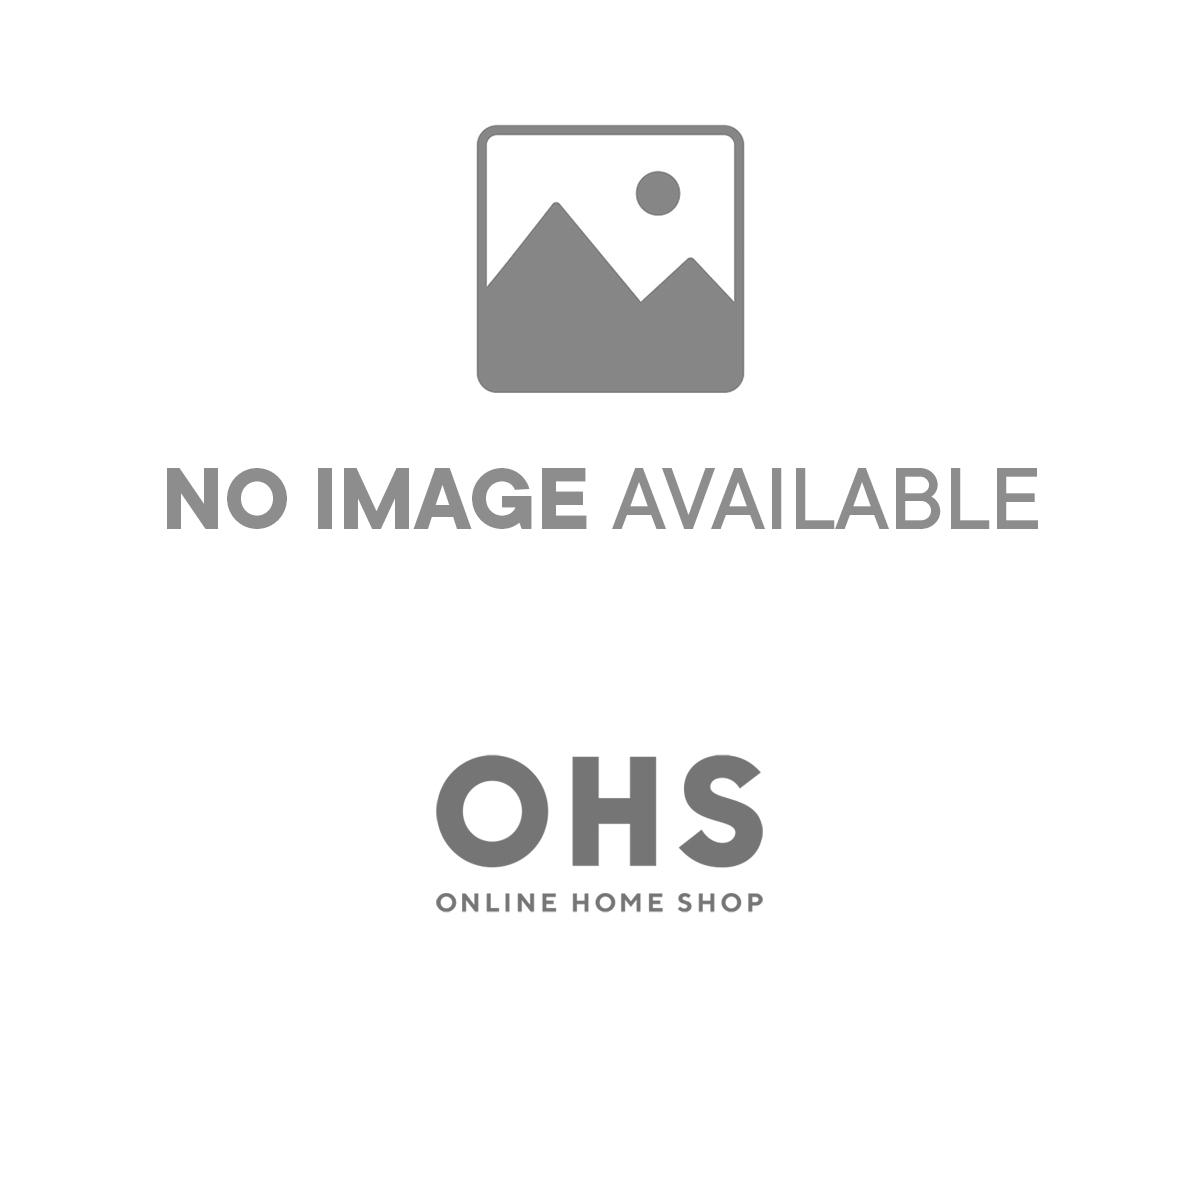 Highams Mohair Throw, Light Grey - 150 x 200cm